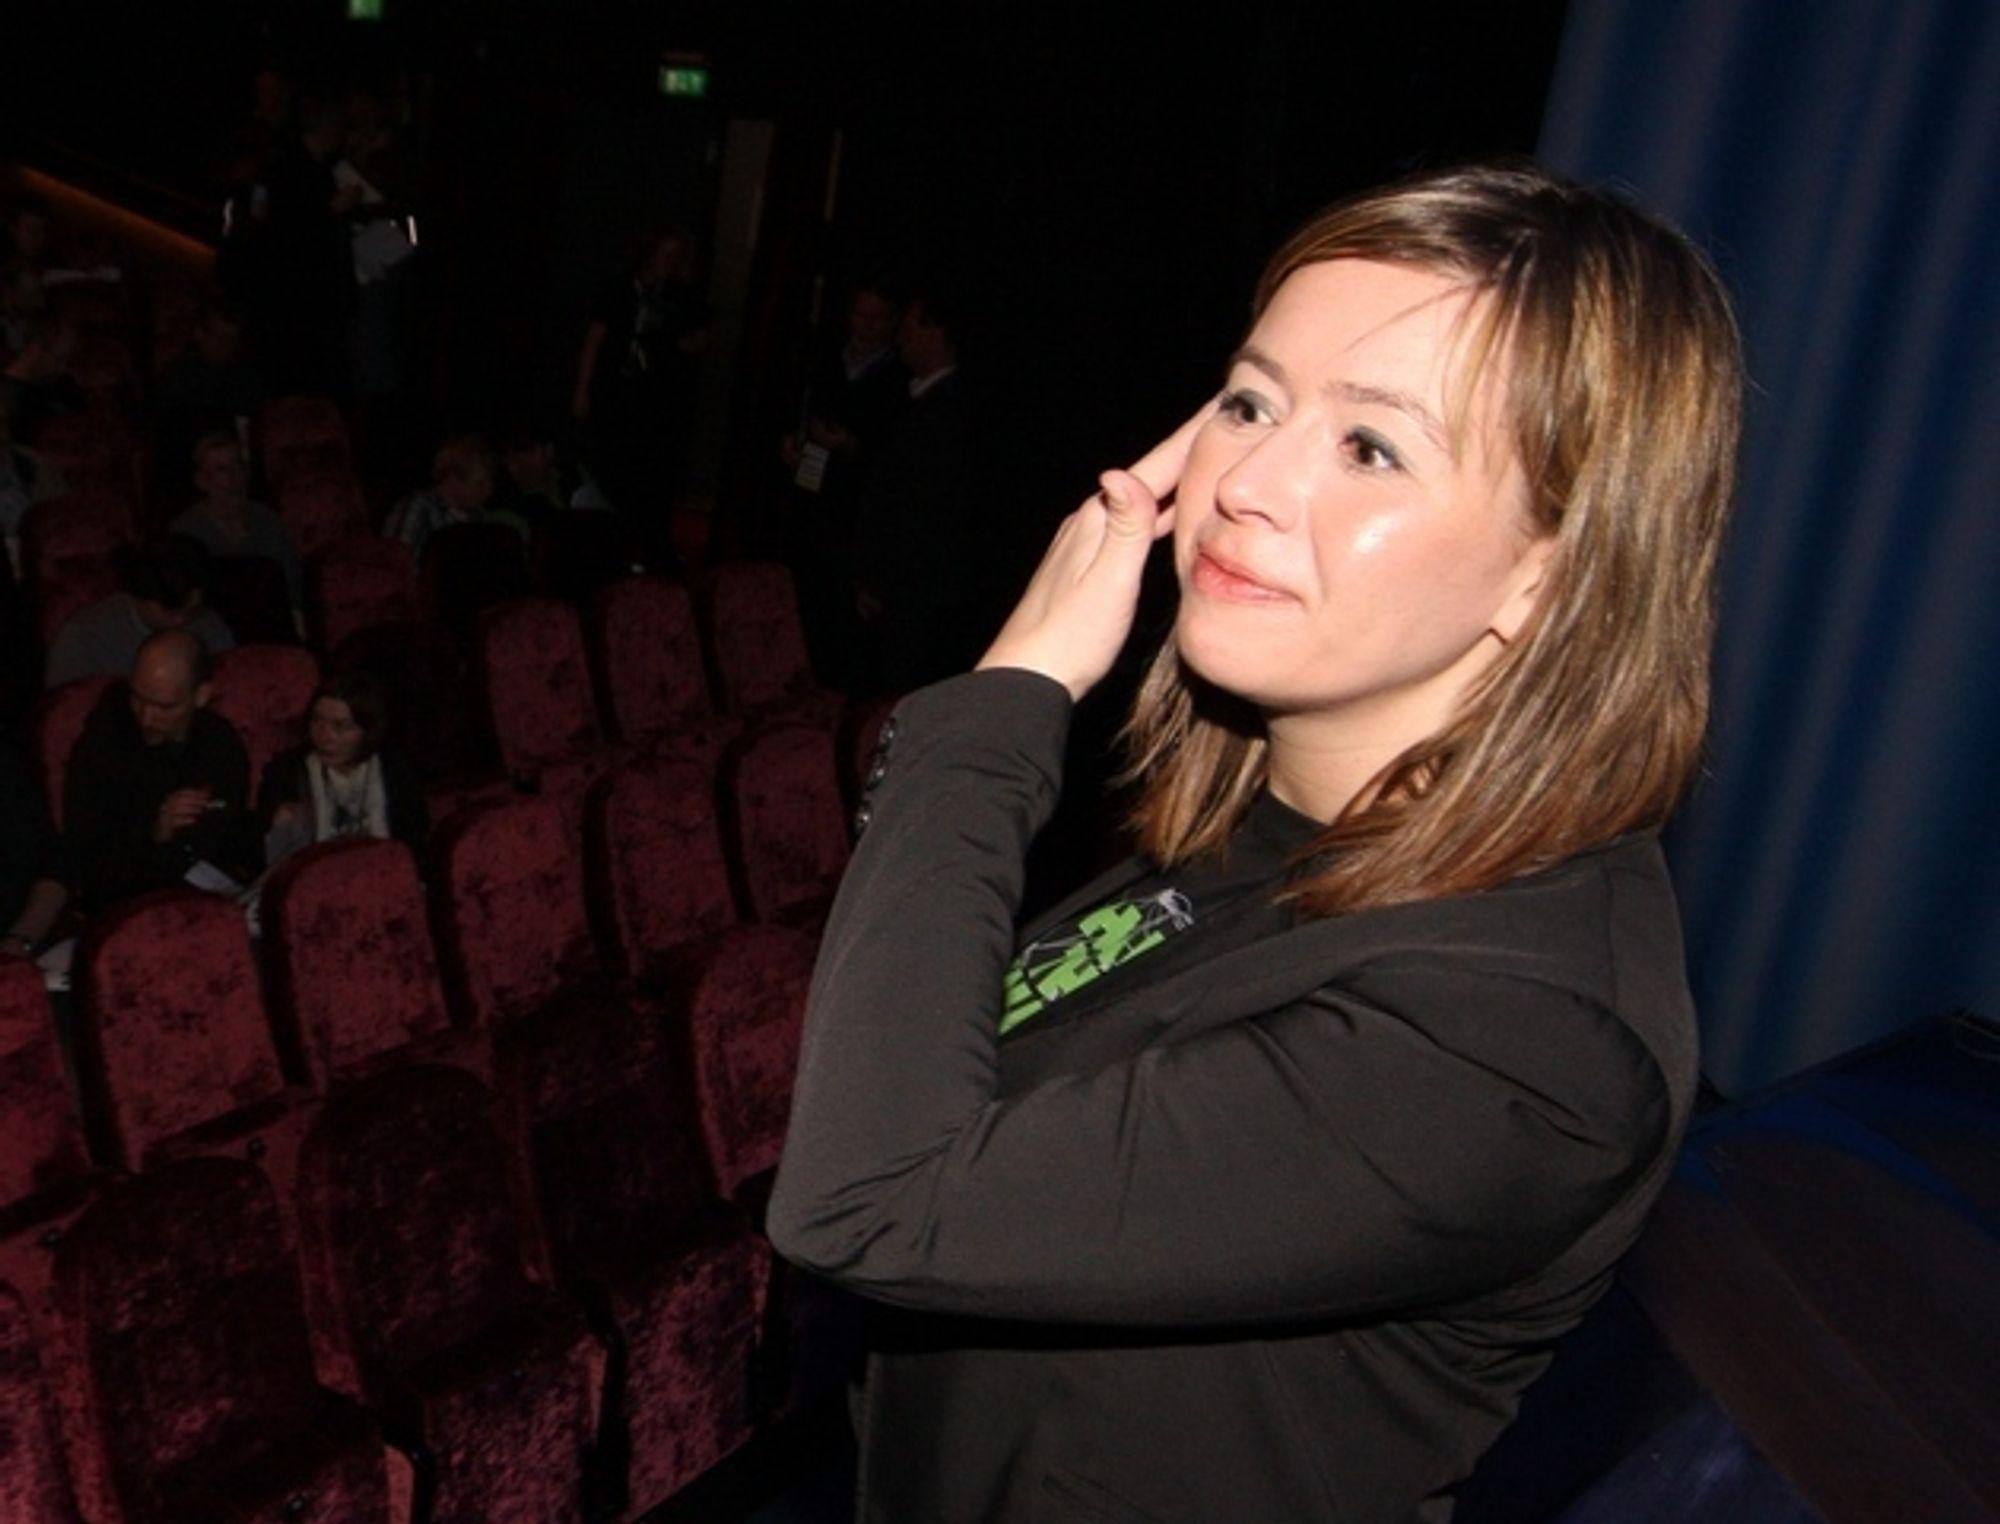 Ta tak: Friprogdirektør Heidi Austlid mener dommen mot Pirate Bay gir en signal om at samfunnet må finne en praktisk måte å håndtere beskyttet digitalt innhold på.